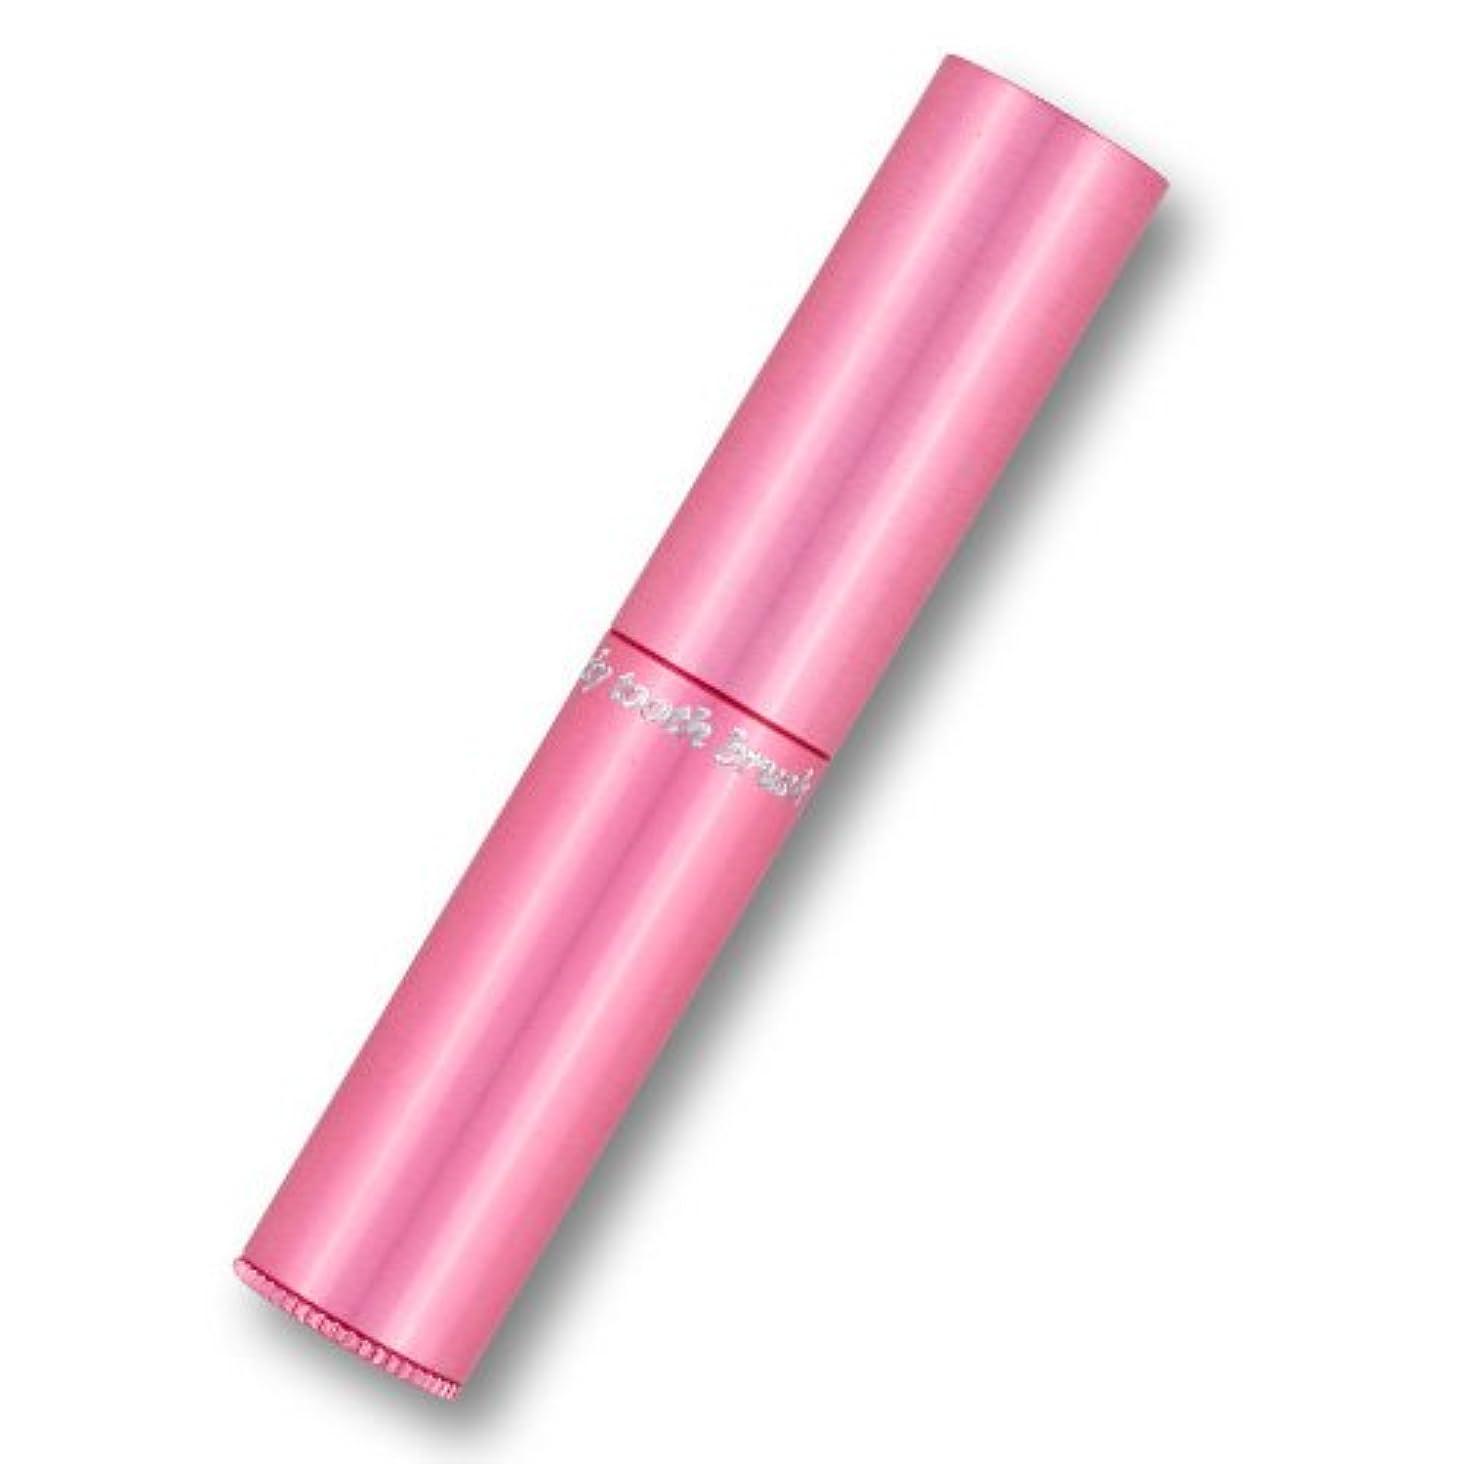 苦しめる中傷基準携帯歯ブラシ?タベタラmigaCO(ピンク)